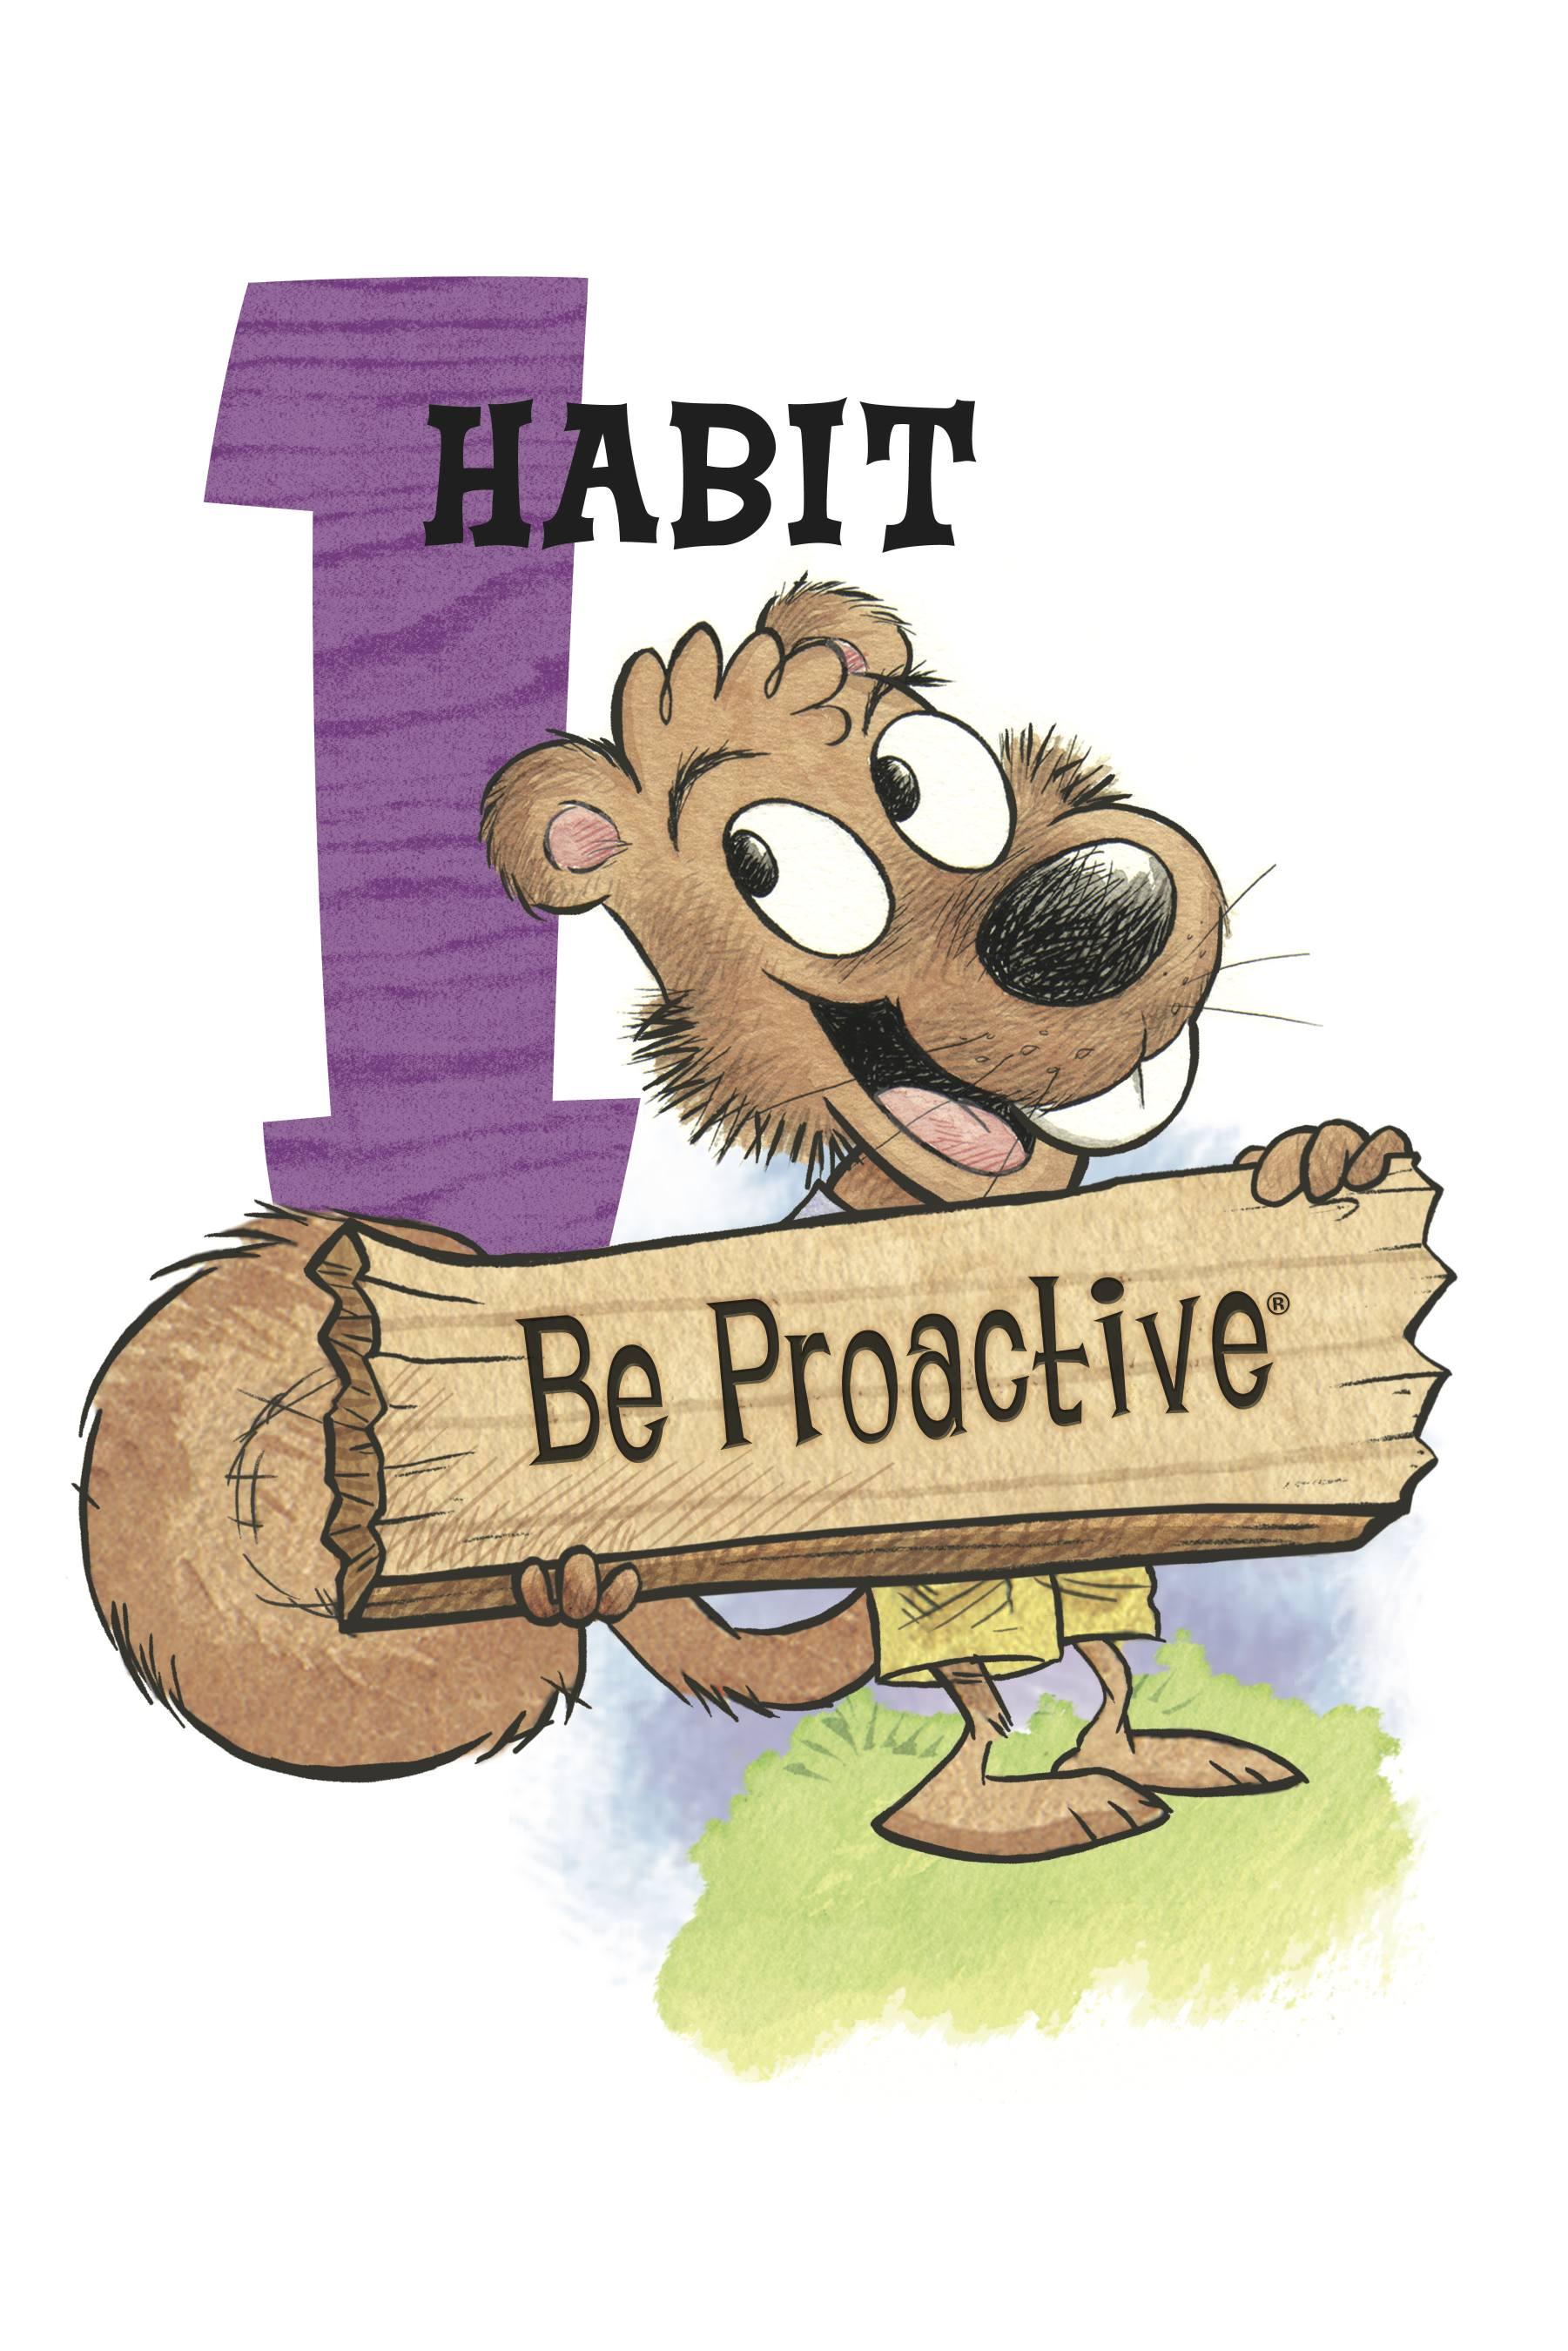 Image result for habit 1